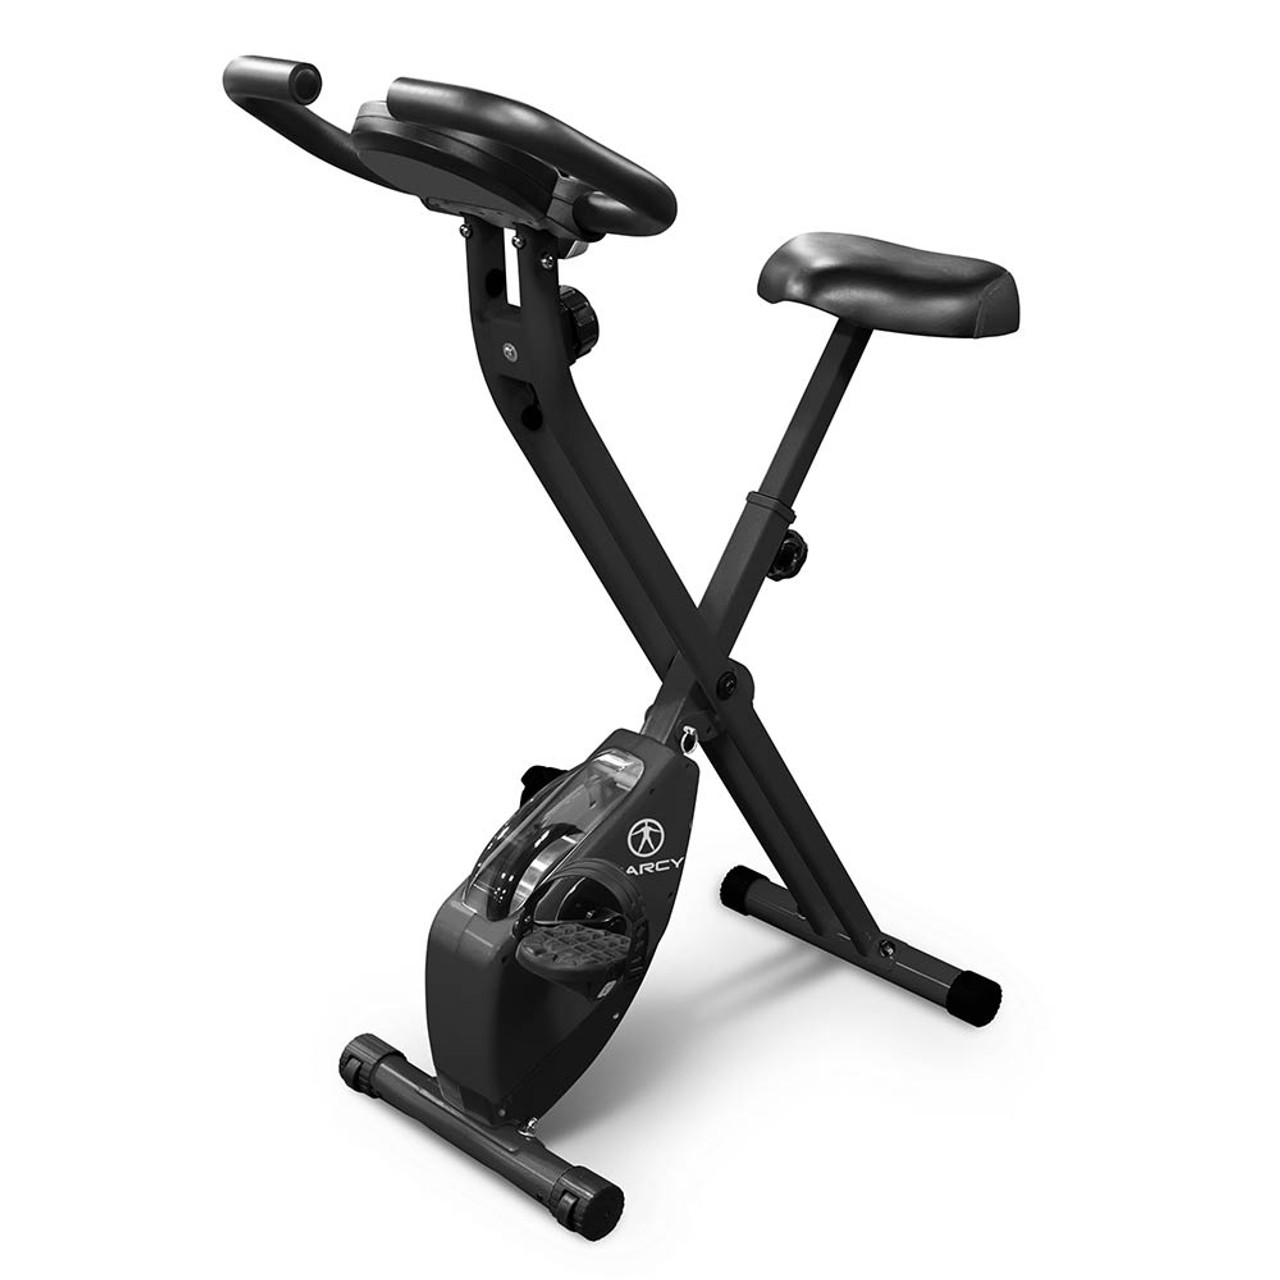 Marcy Foldable Bike - Black NS-654 Best Cardio Exercise